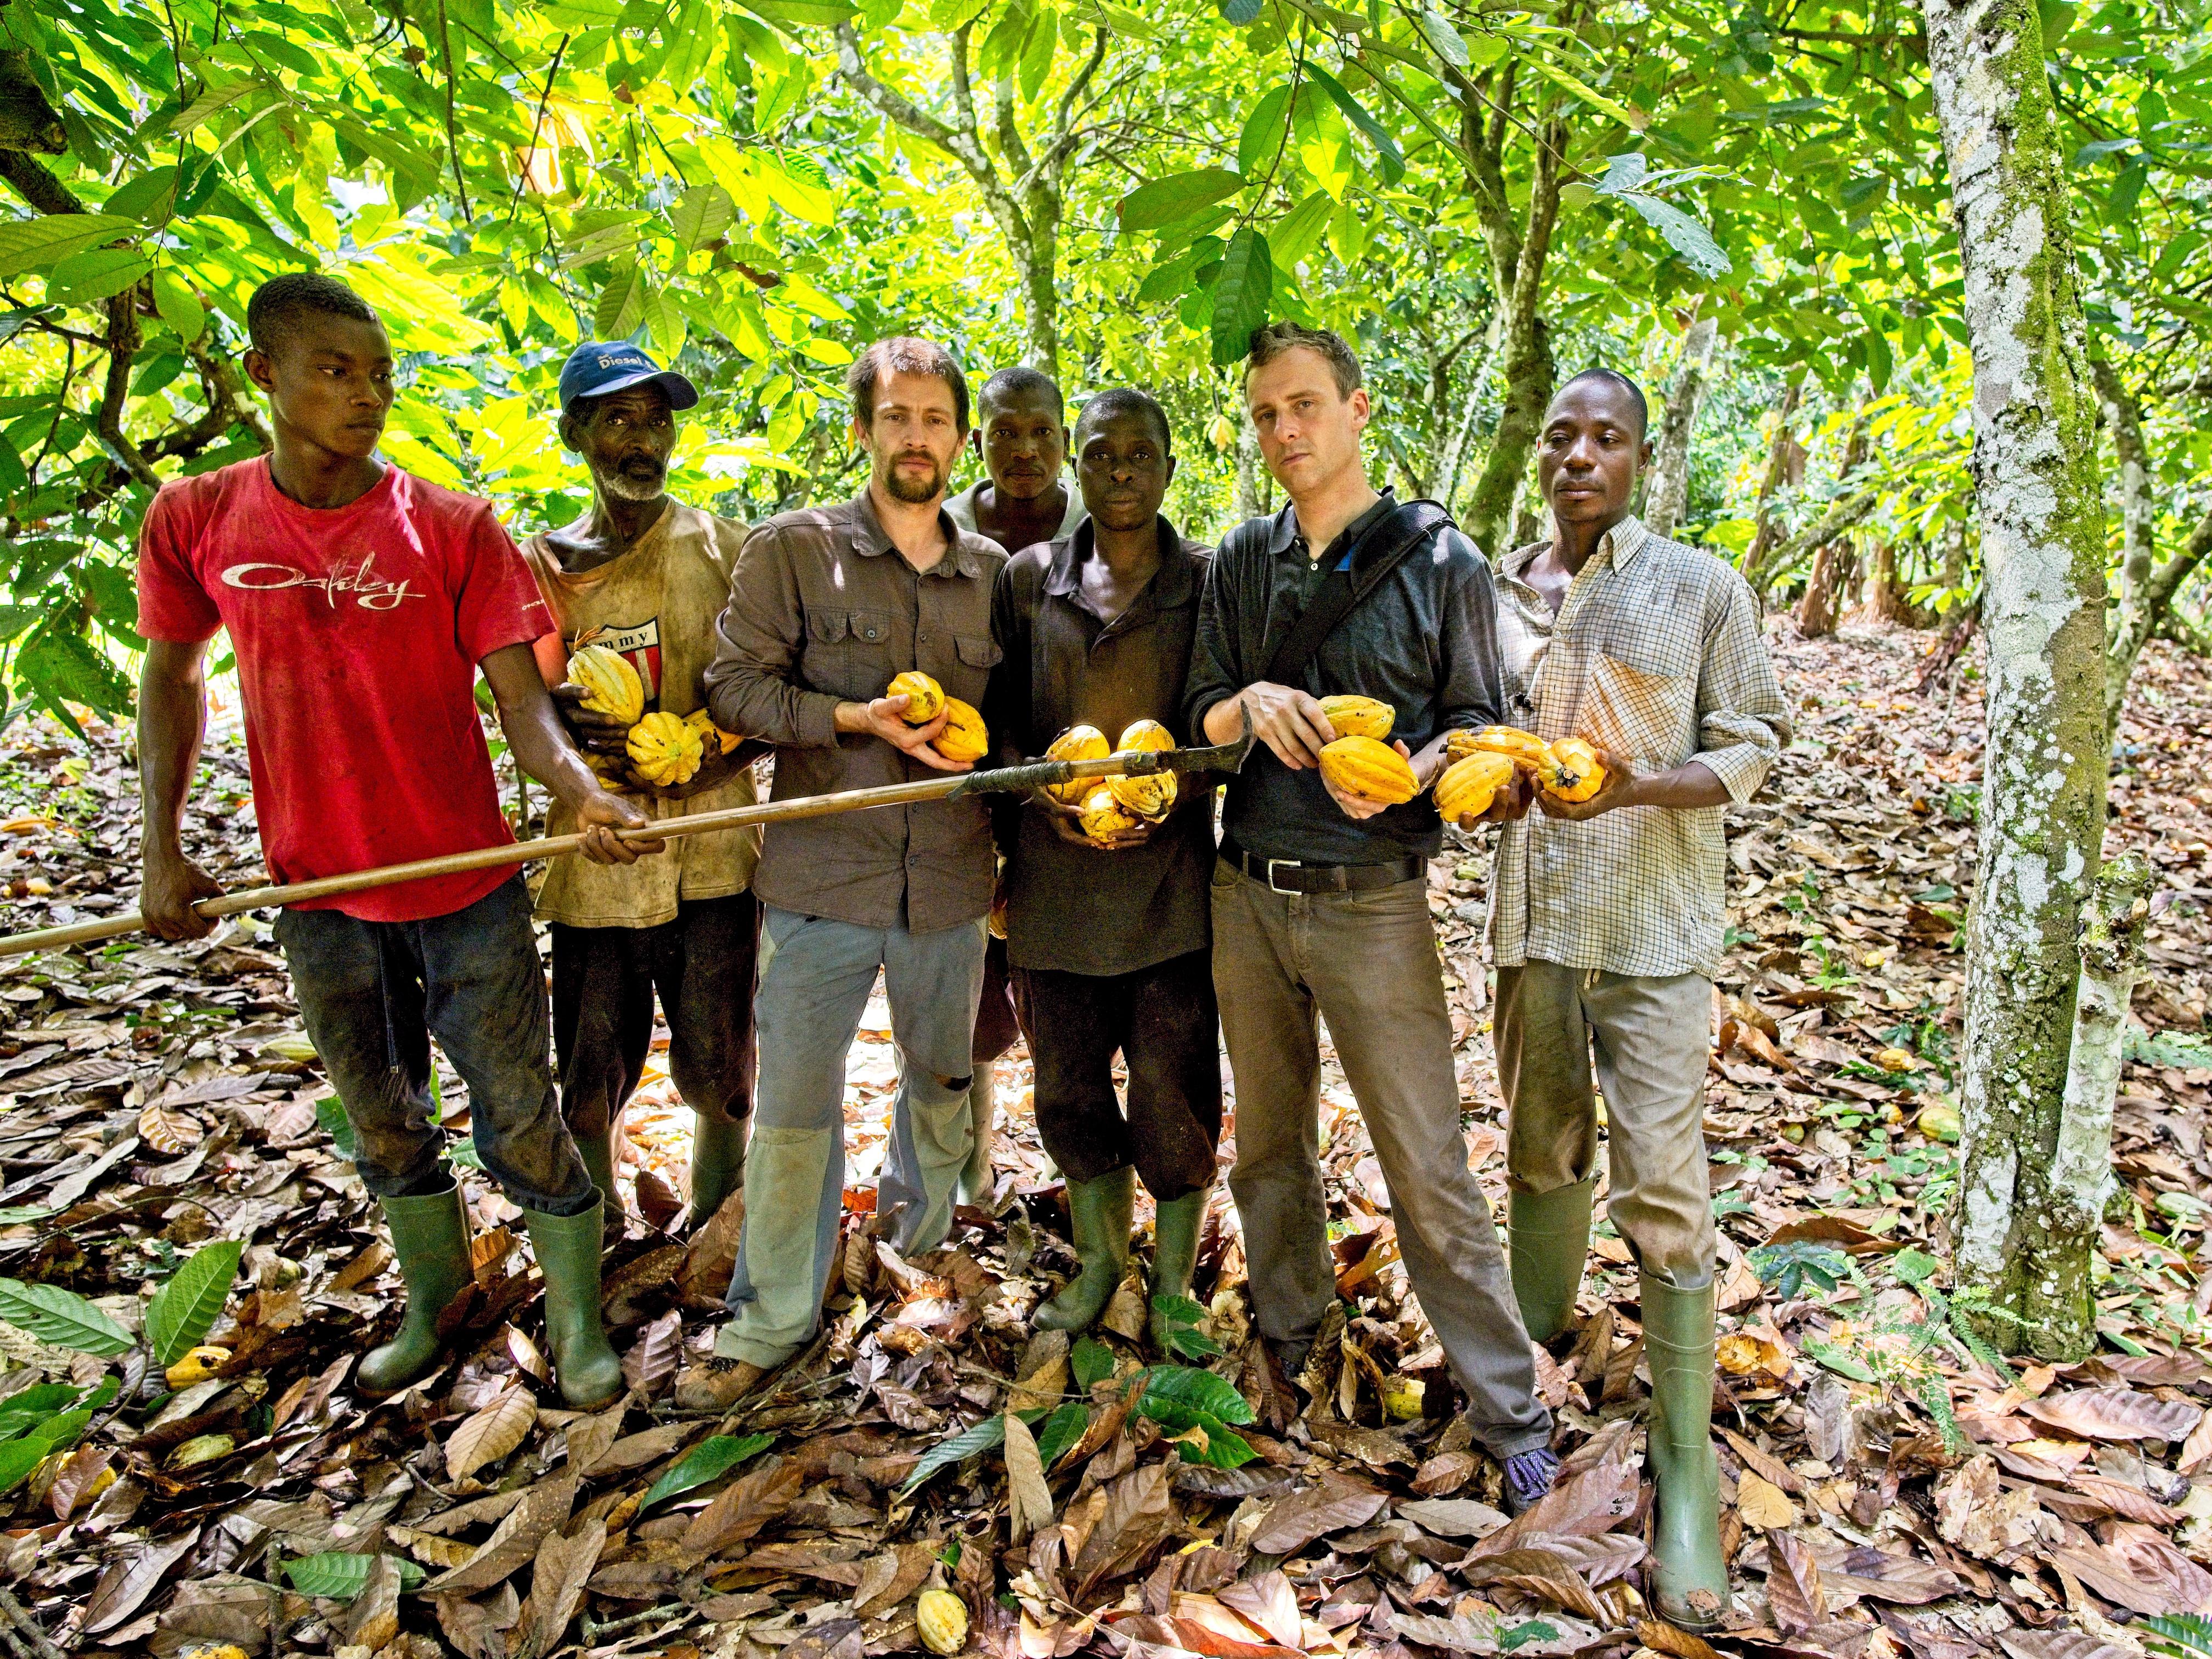 Dělníci sbírající zralé plody kakaovníku